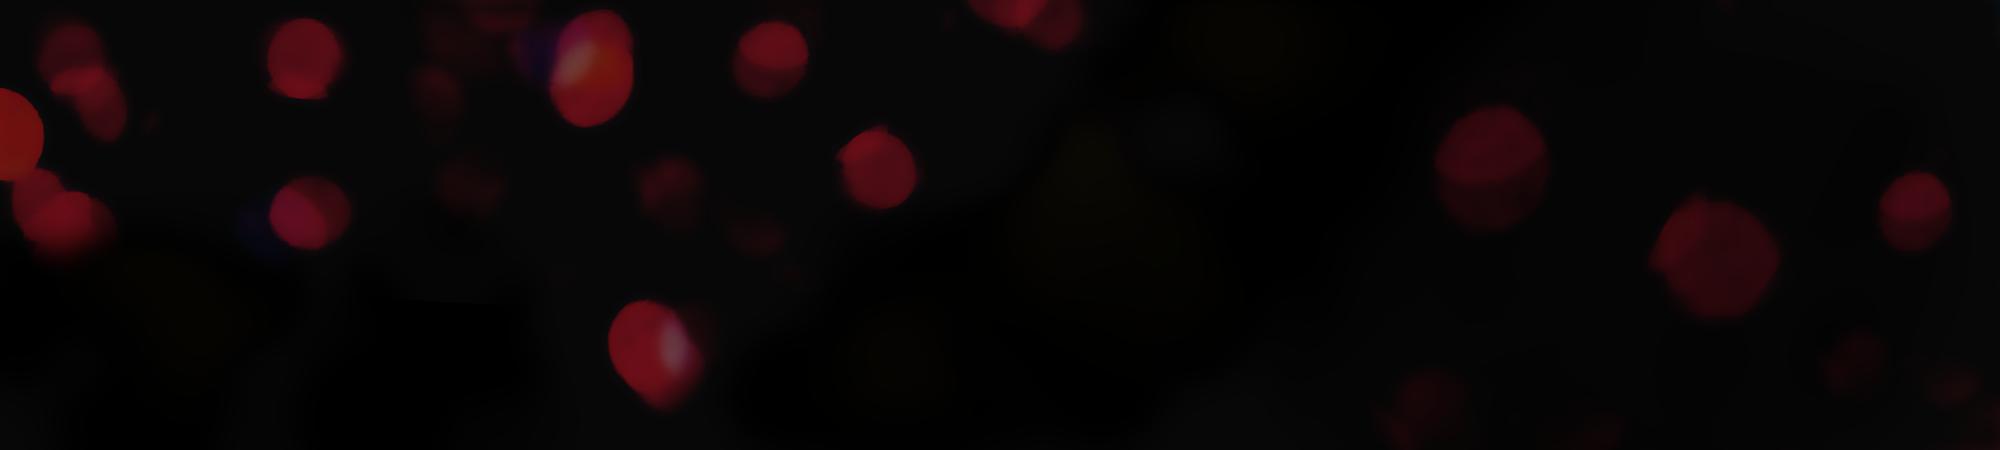 sfondo-scuro-Monica-Vitti